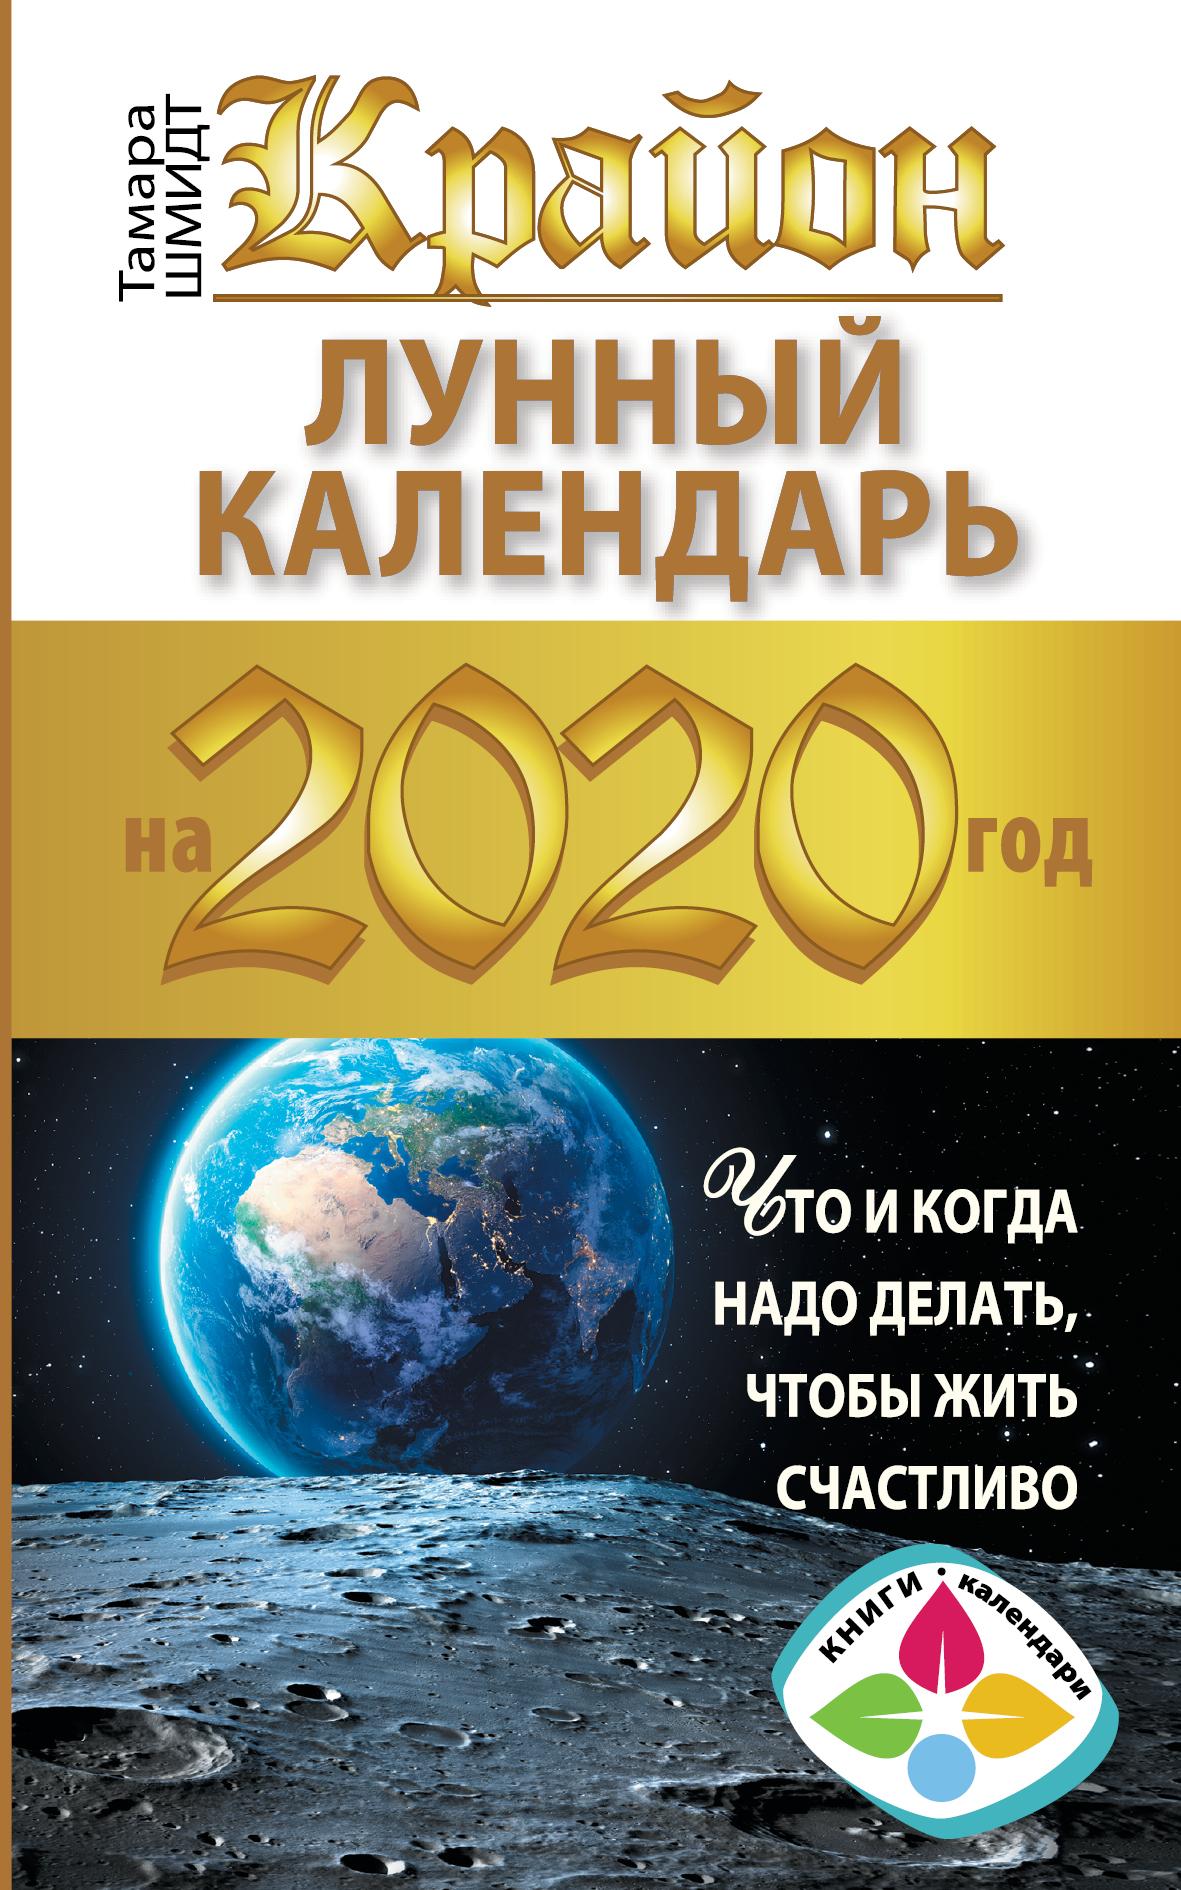 Тамара Шмидт Крайон. Лунный календарь 2020. Что и когда надо делать, чтобы жить счастливо шмидт тамара крайон обретение здоровья позвольте вселенной исцелить вас